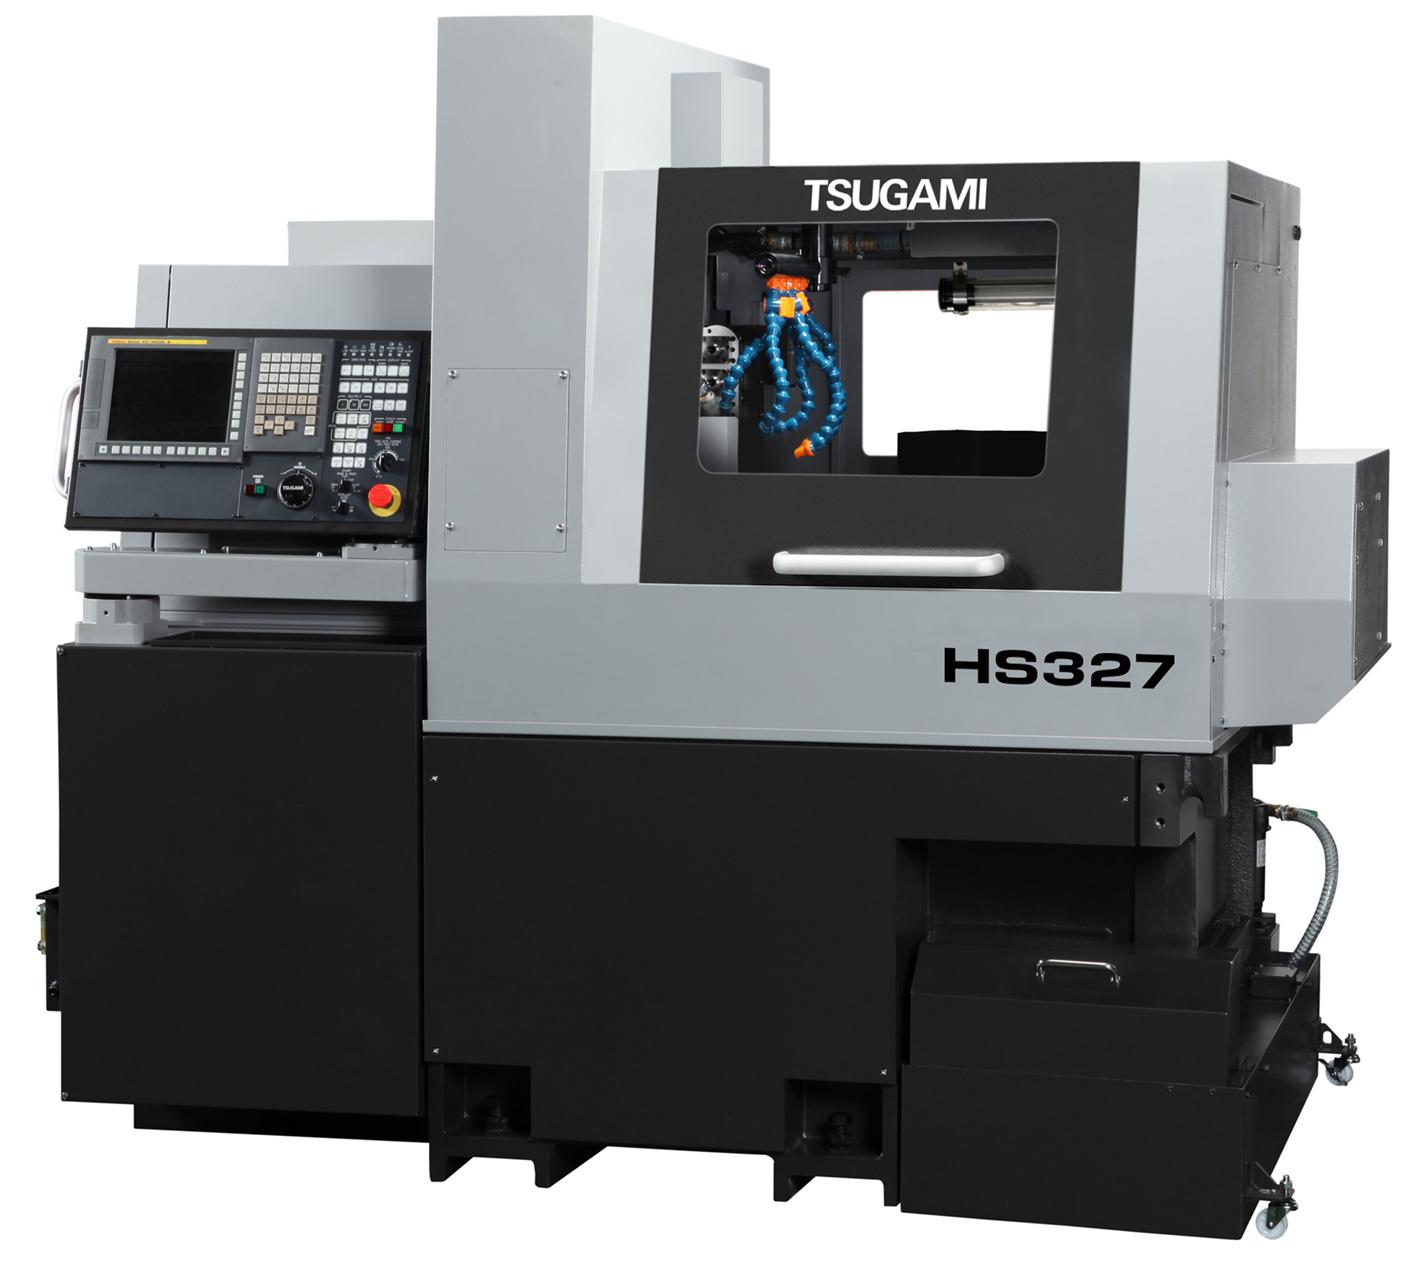 Tsugami HS267/HS327/HS267-5AX/HS327-5AX